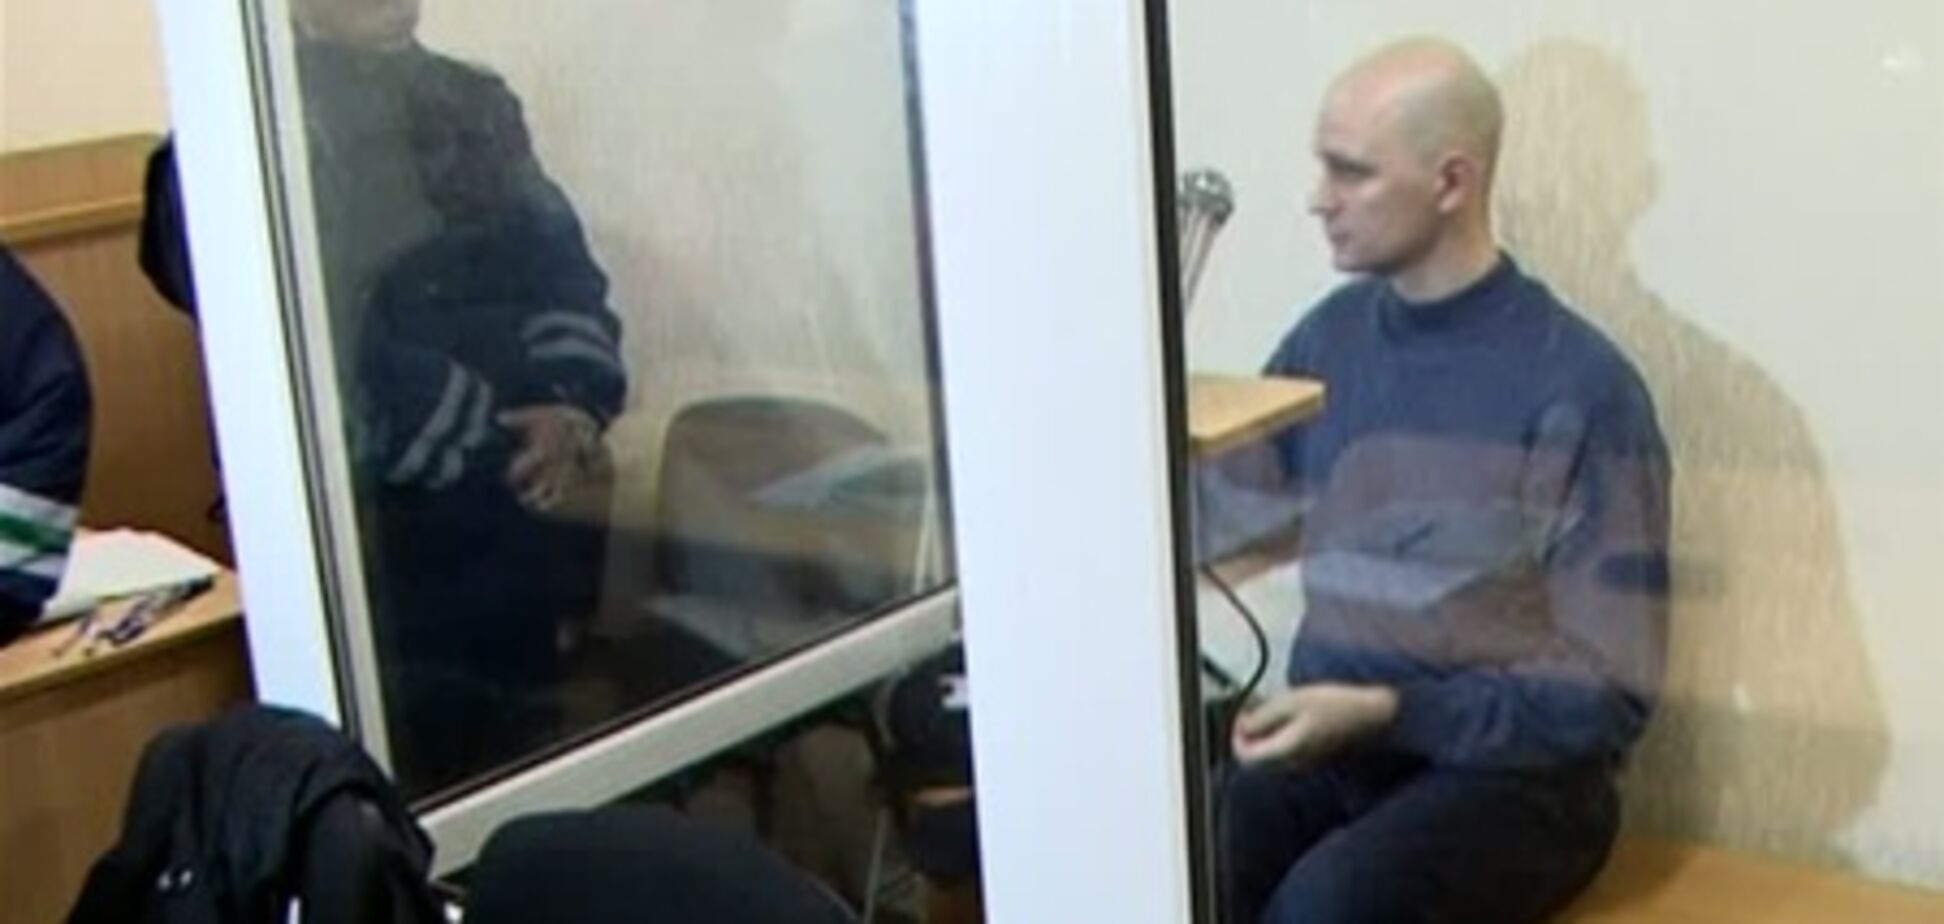 Камери зняли 'дніпропетровських терористів' під час терактів